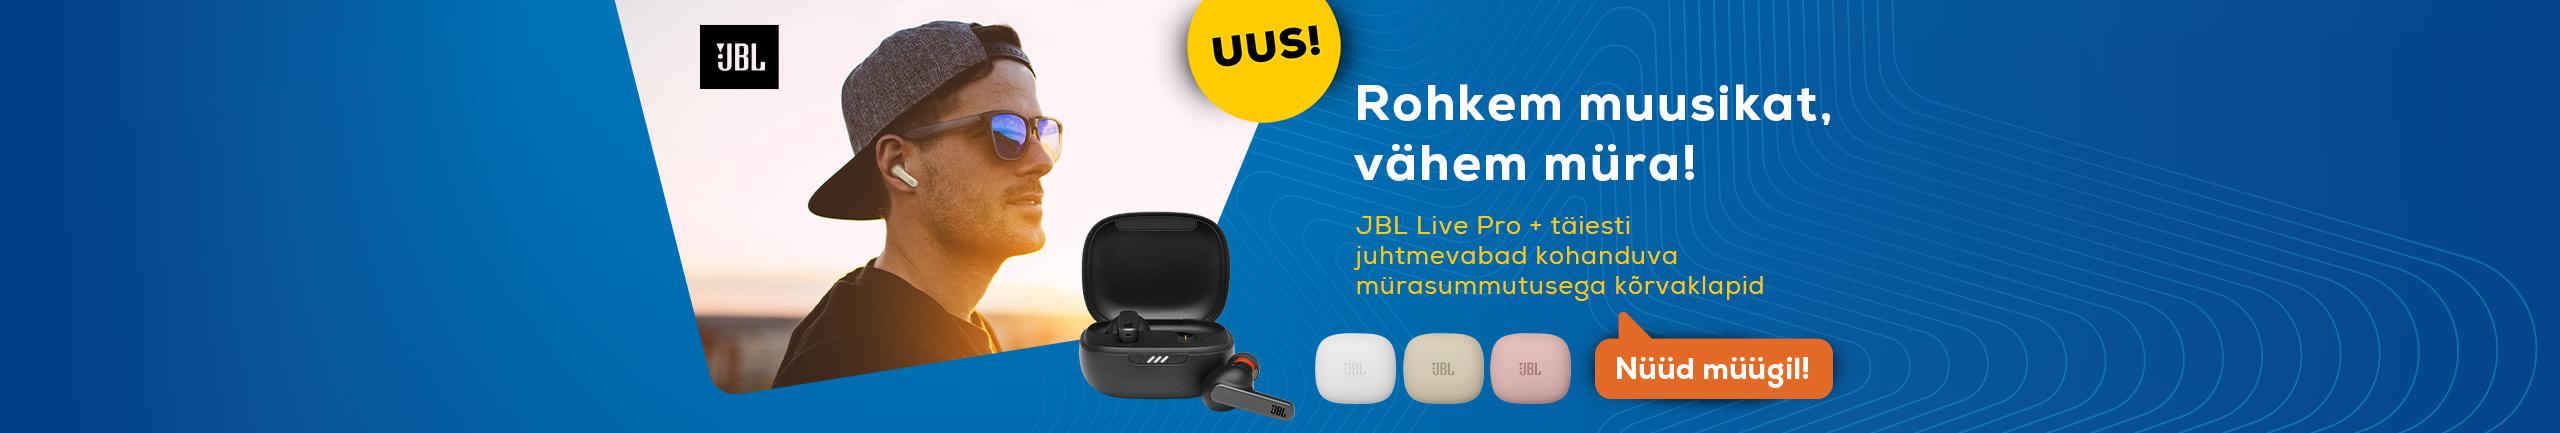 NPL JBL Live Pro+ (mürasummutavad kõrvasisesed klapid)